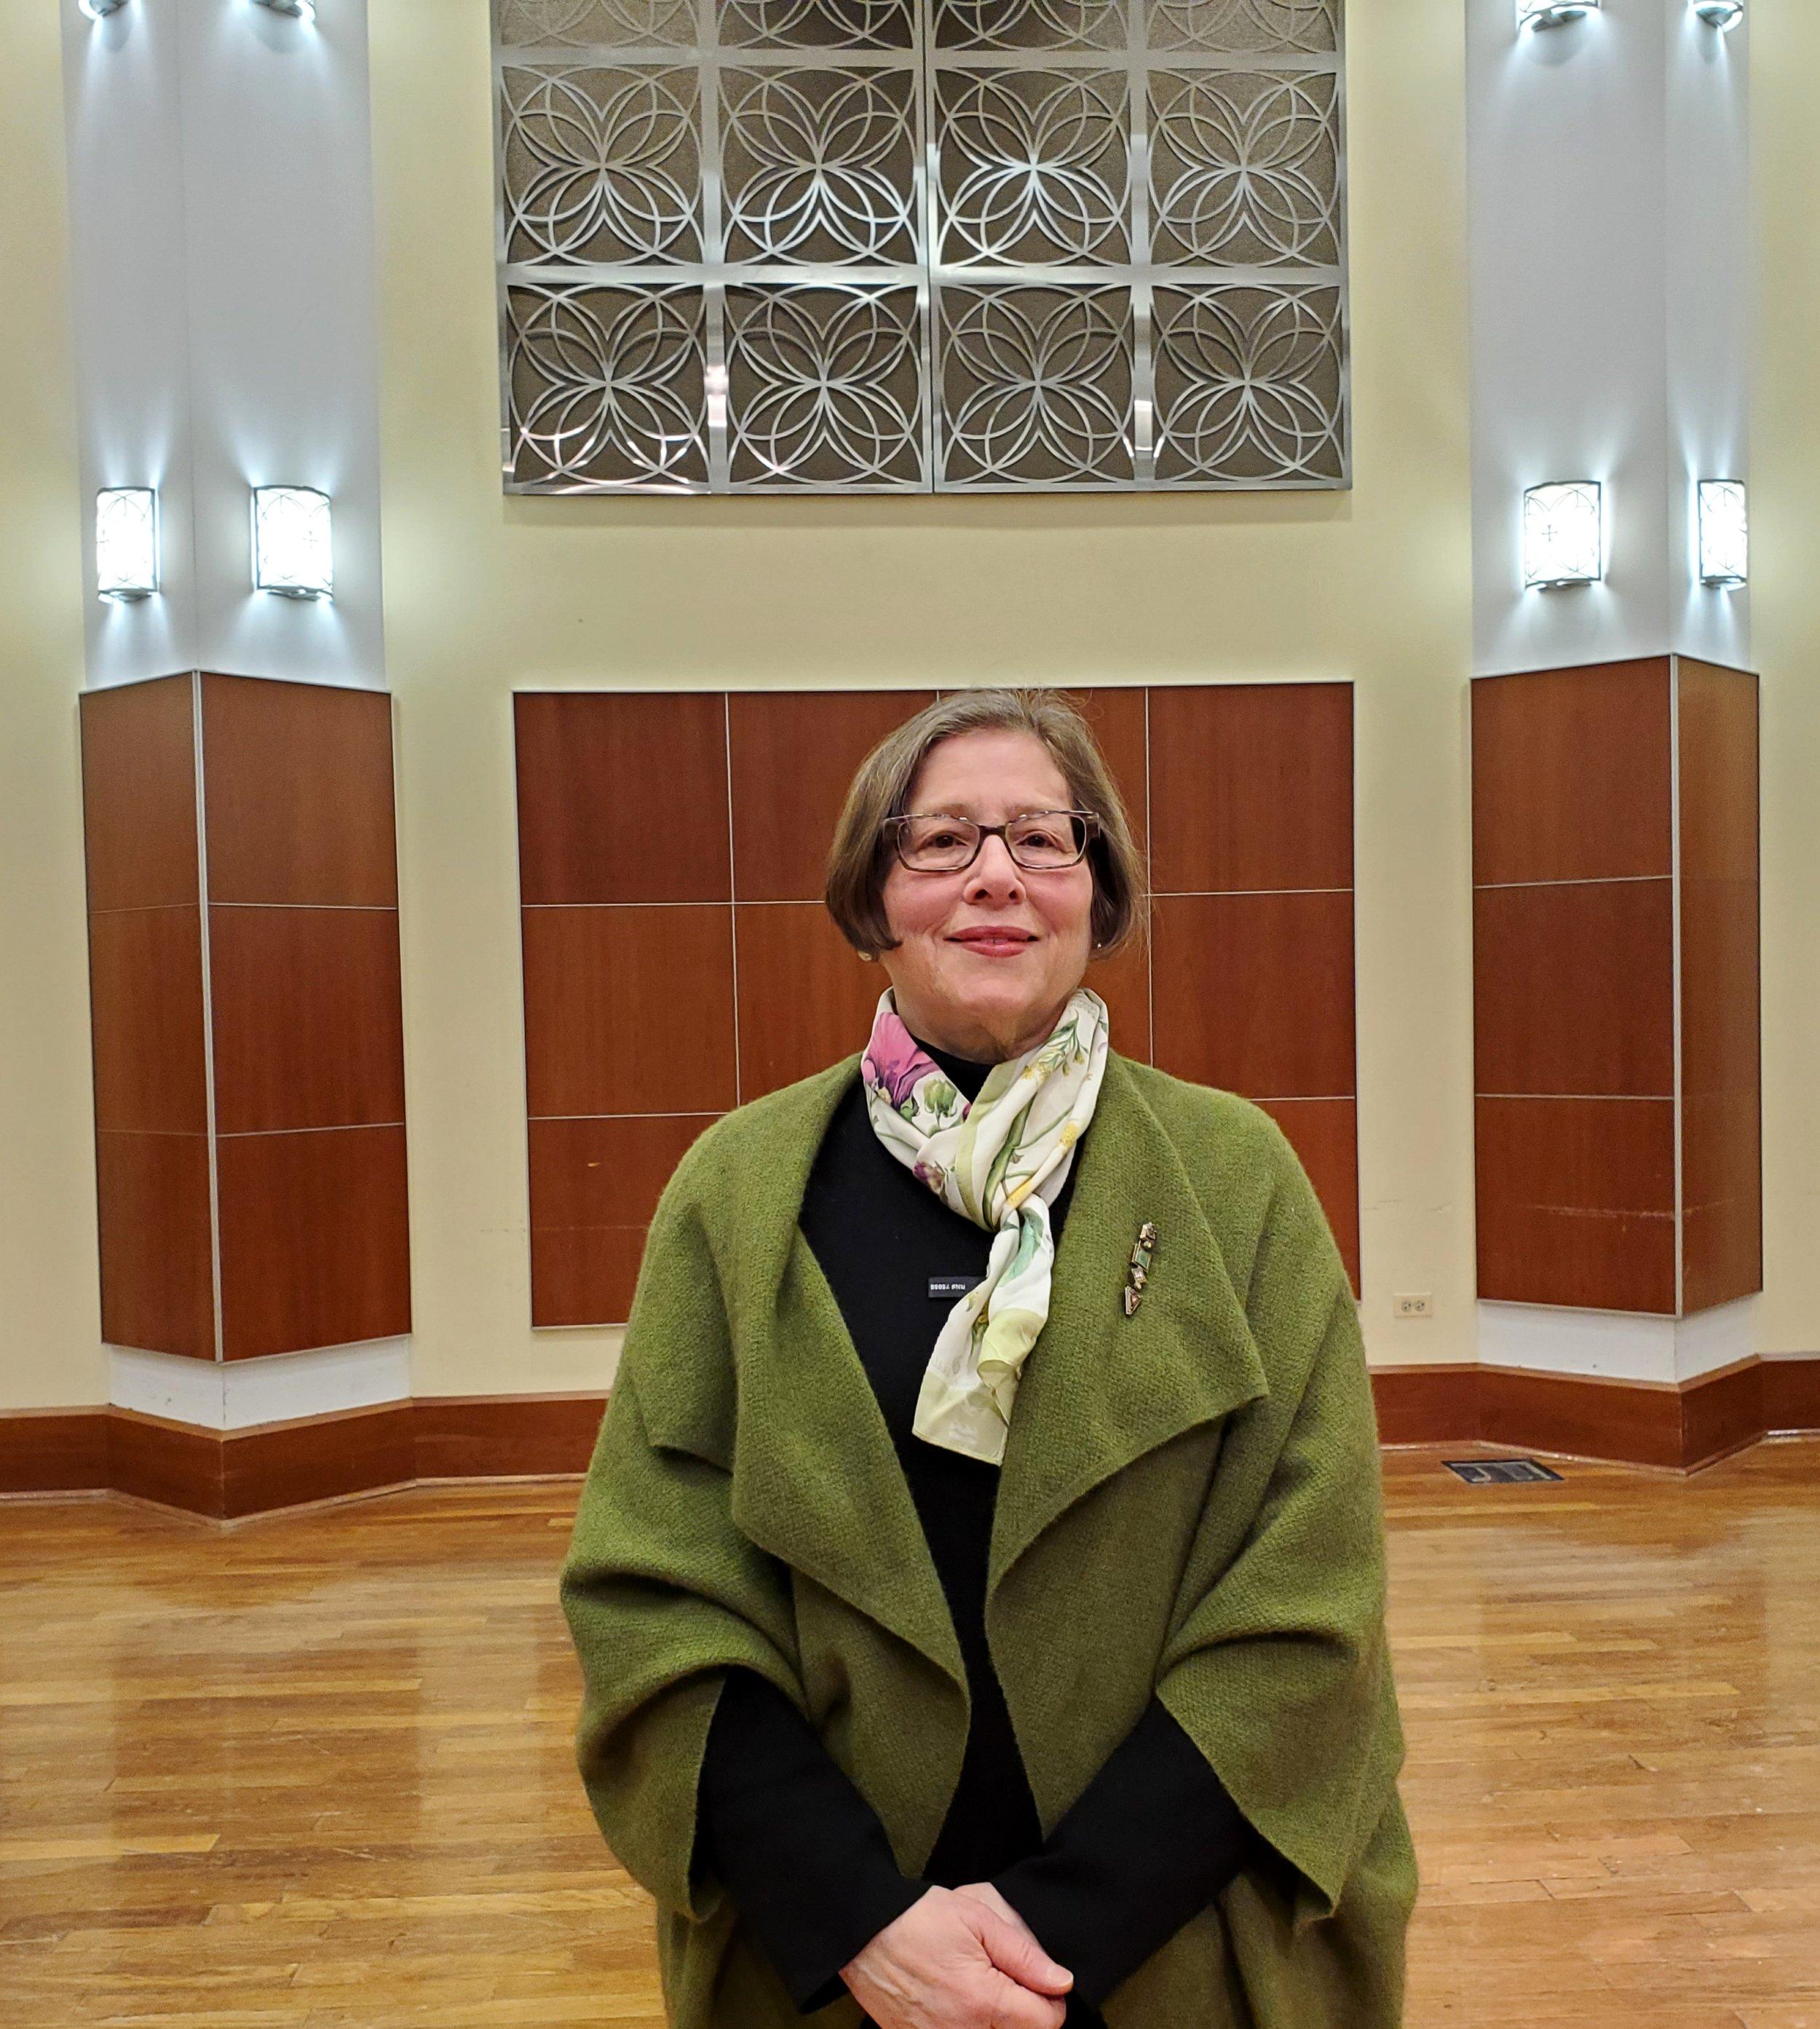 Duffie Adelson, former Merit School of Music President